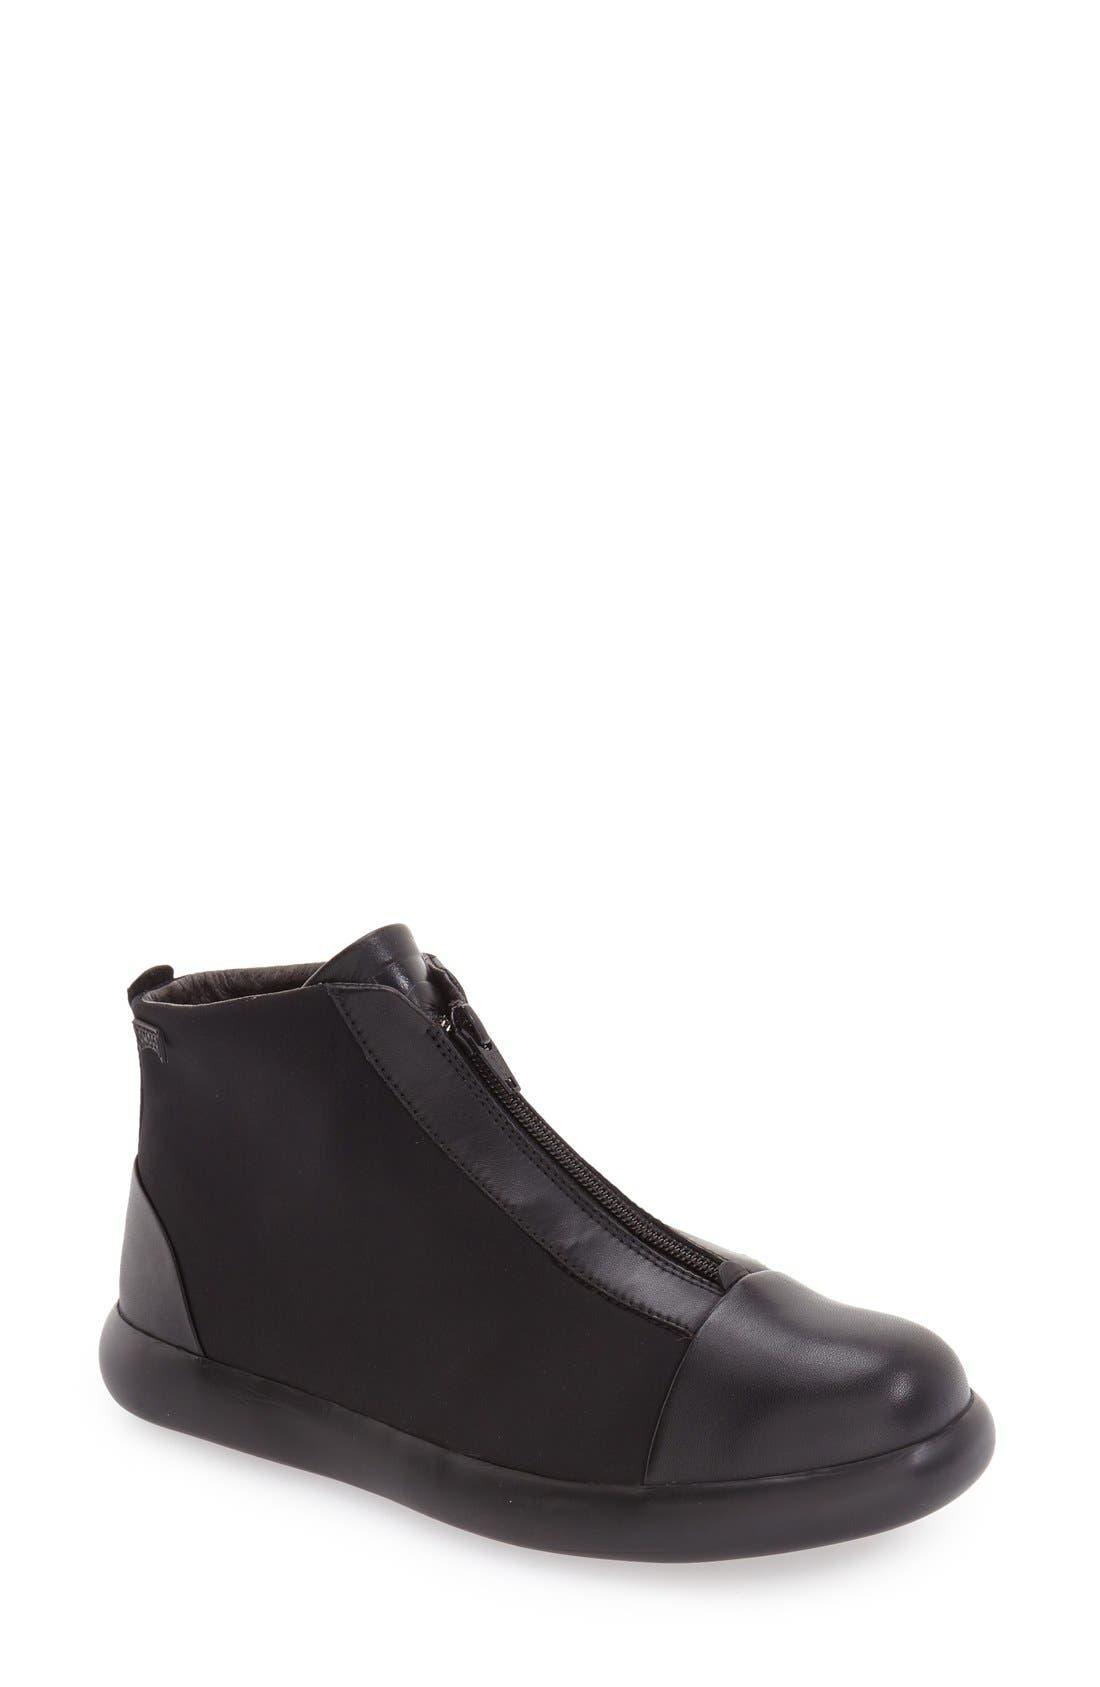 'Pelotas - Capsule' Cap Toe Sneaker, Main, color, 001